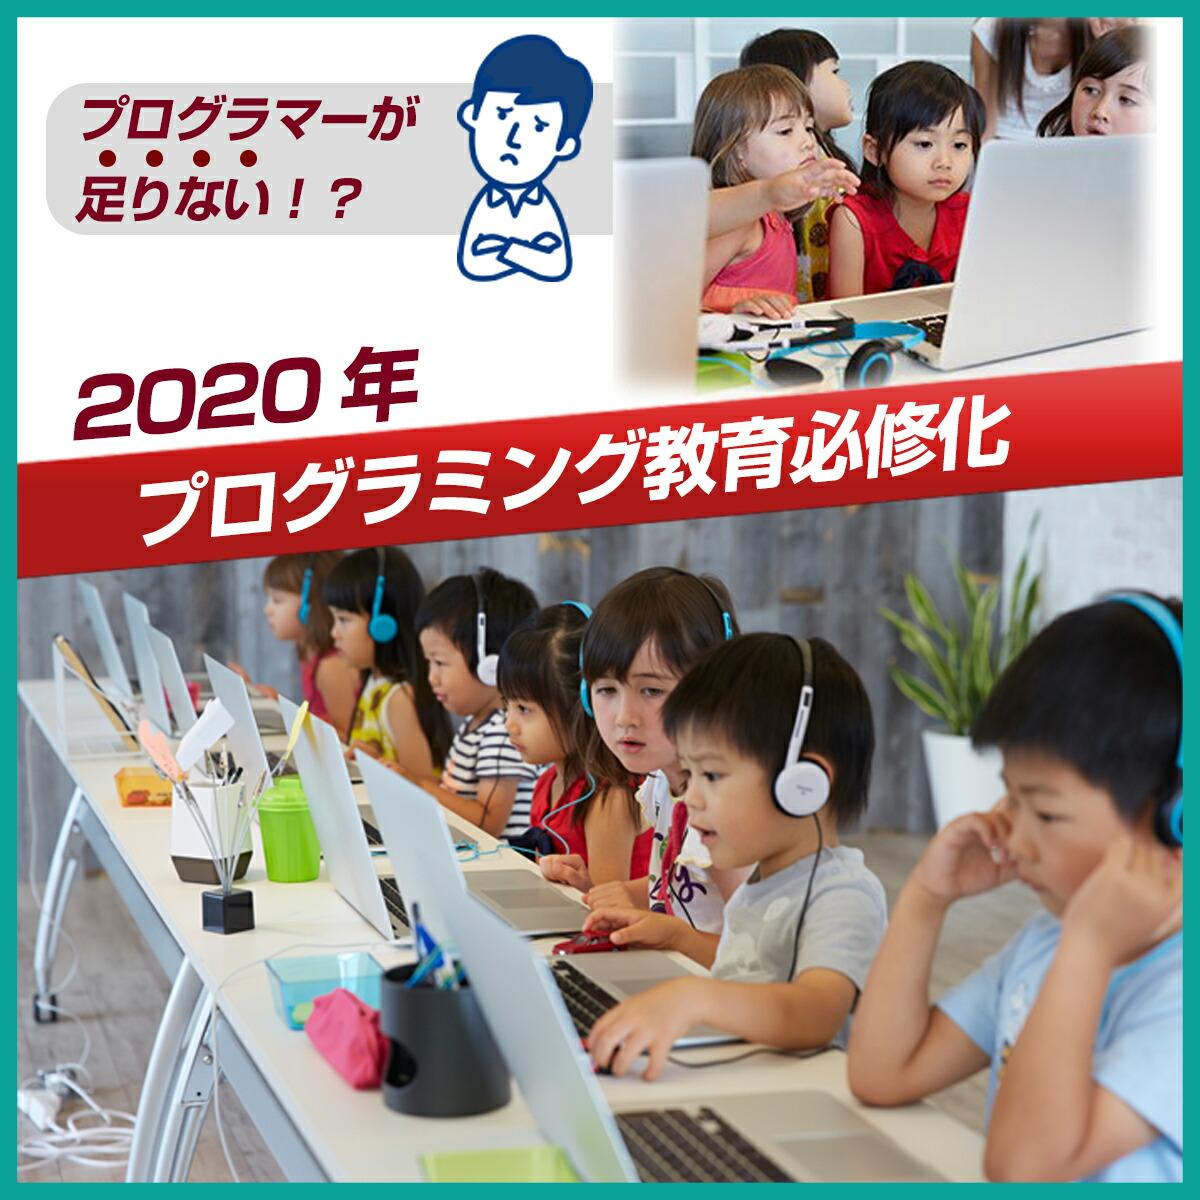 プログラミング教育必修化